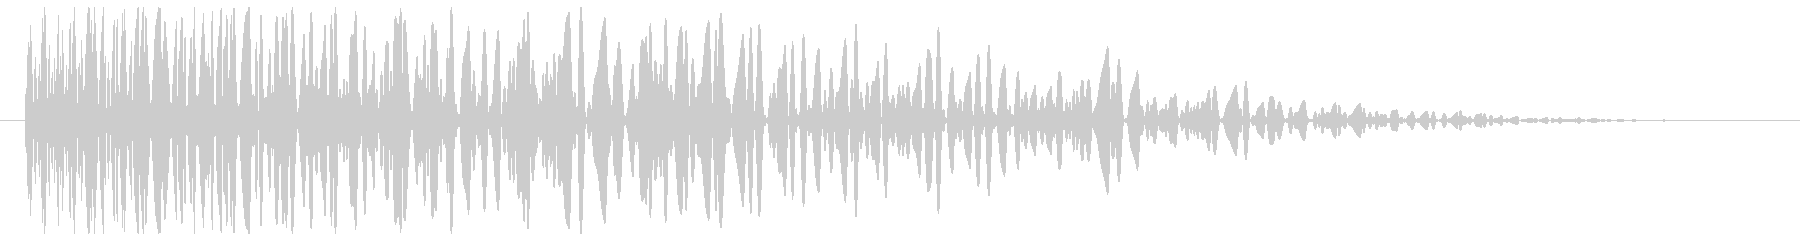 爆発音(鈍い、中規模)の未再生の波形